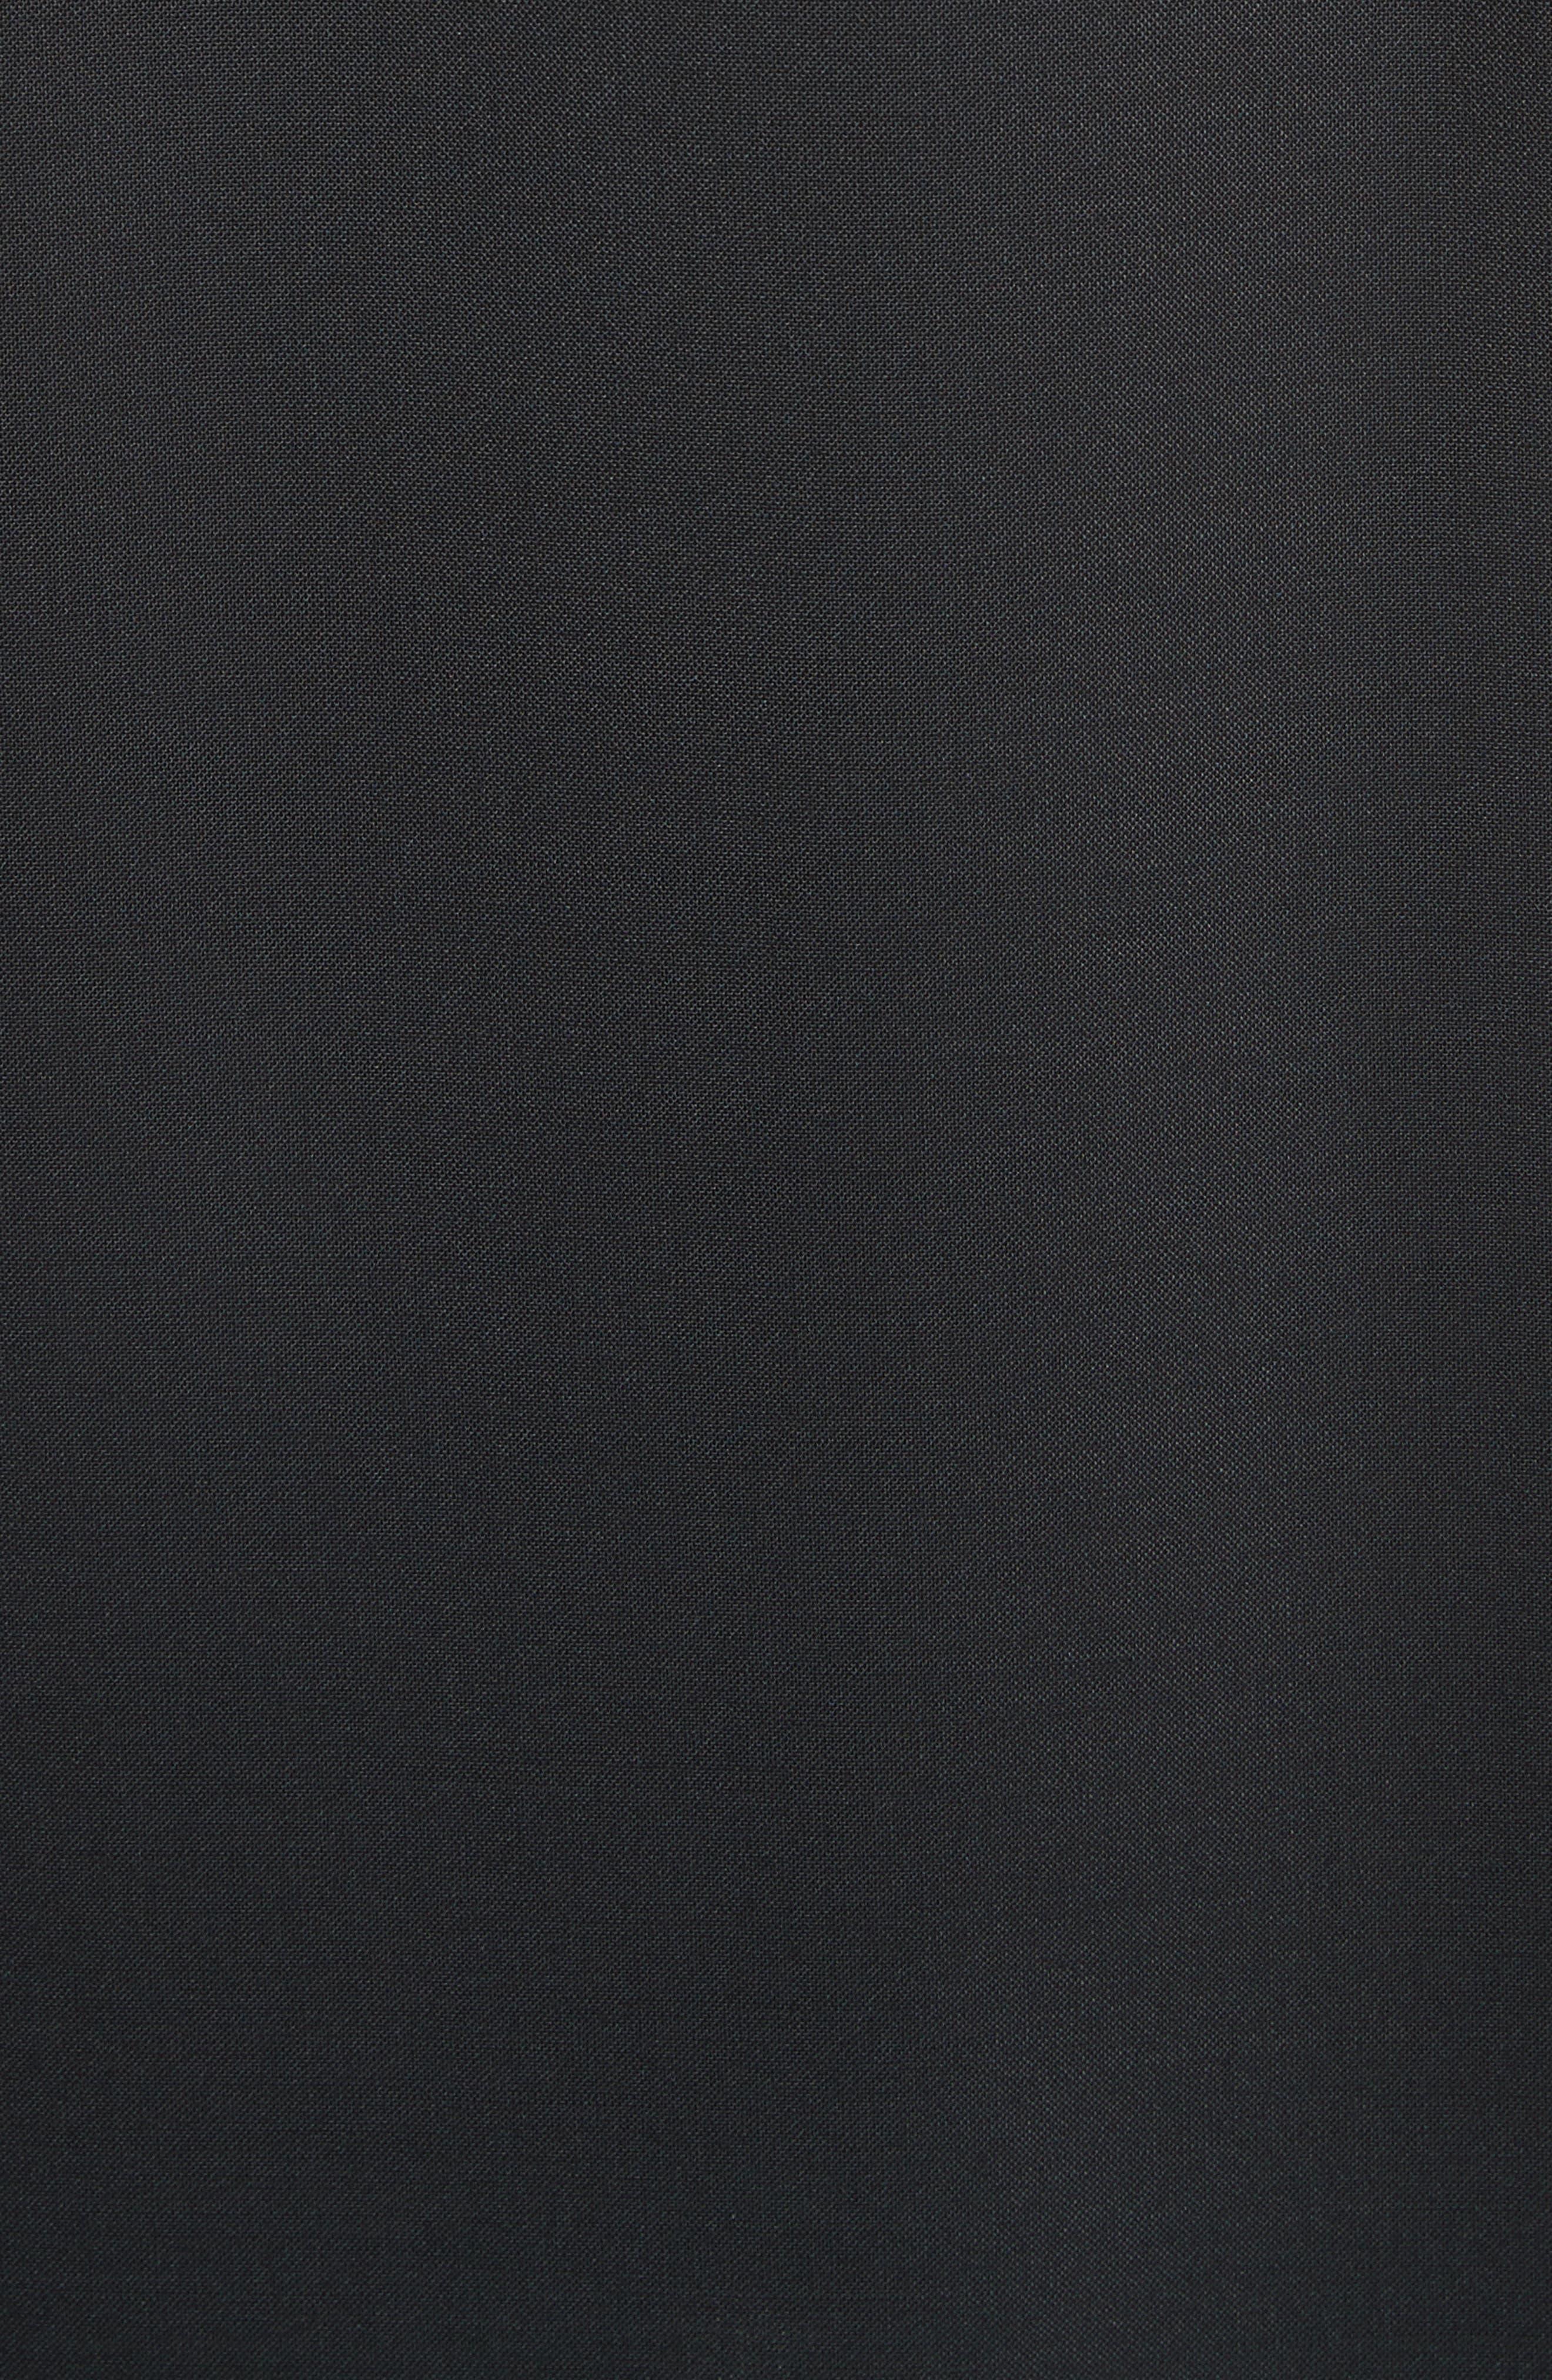 Lou Lou Appliqué Dress,                             Alternate thumbnail 5, color,                             Black